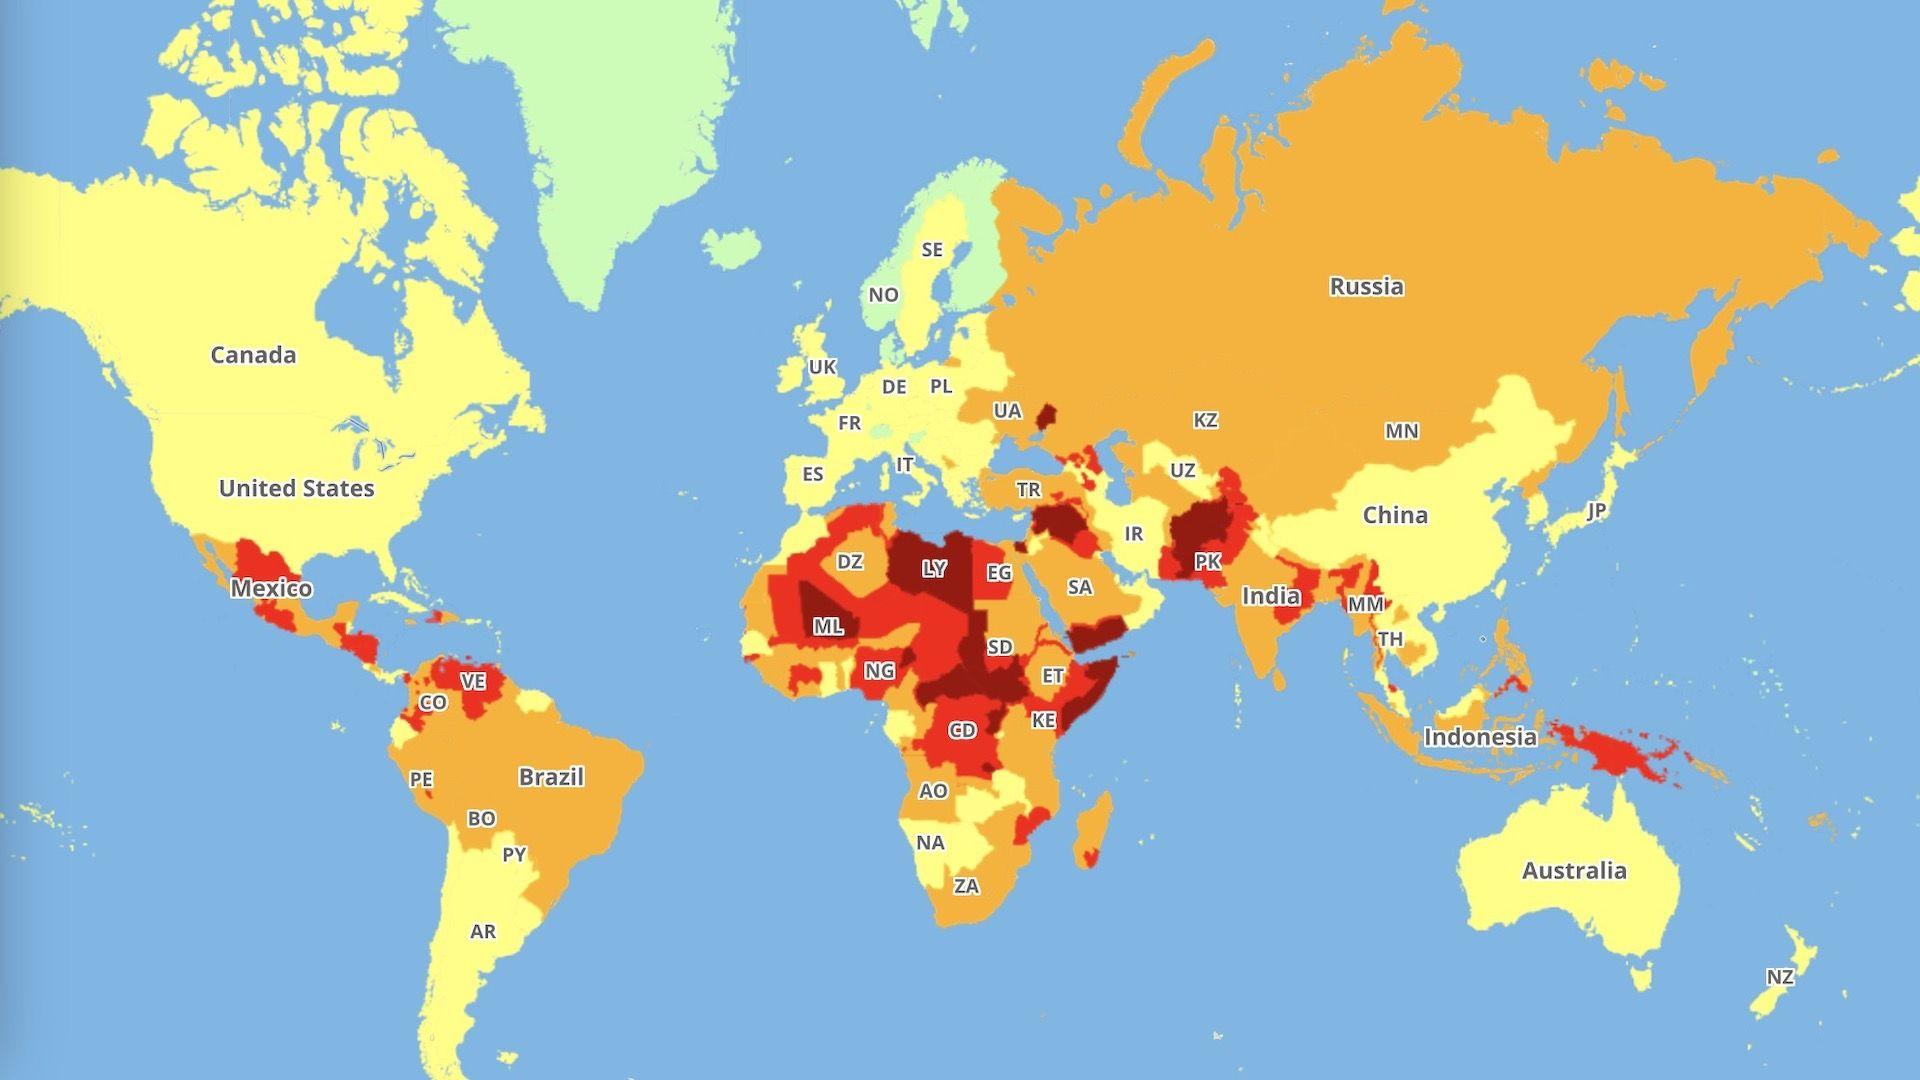 Estos son los países más peligrosos para viajar: mapa interactivo